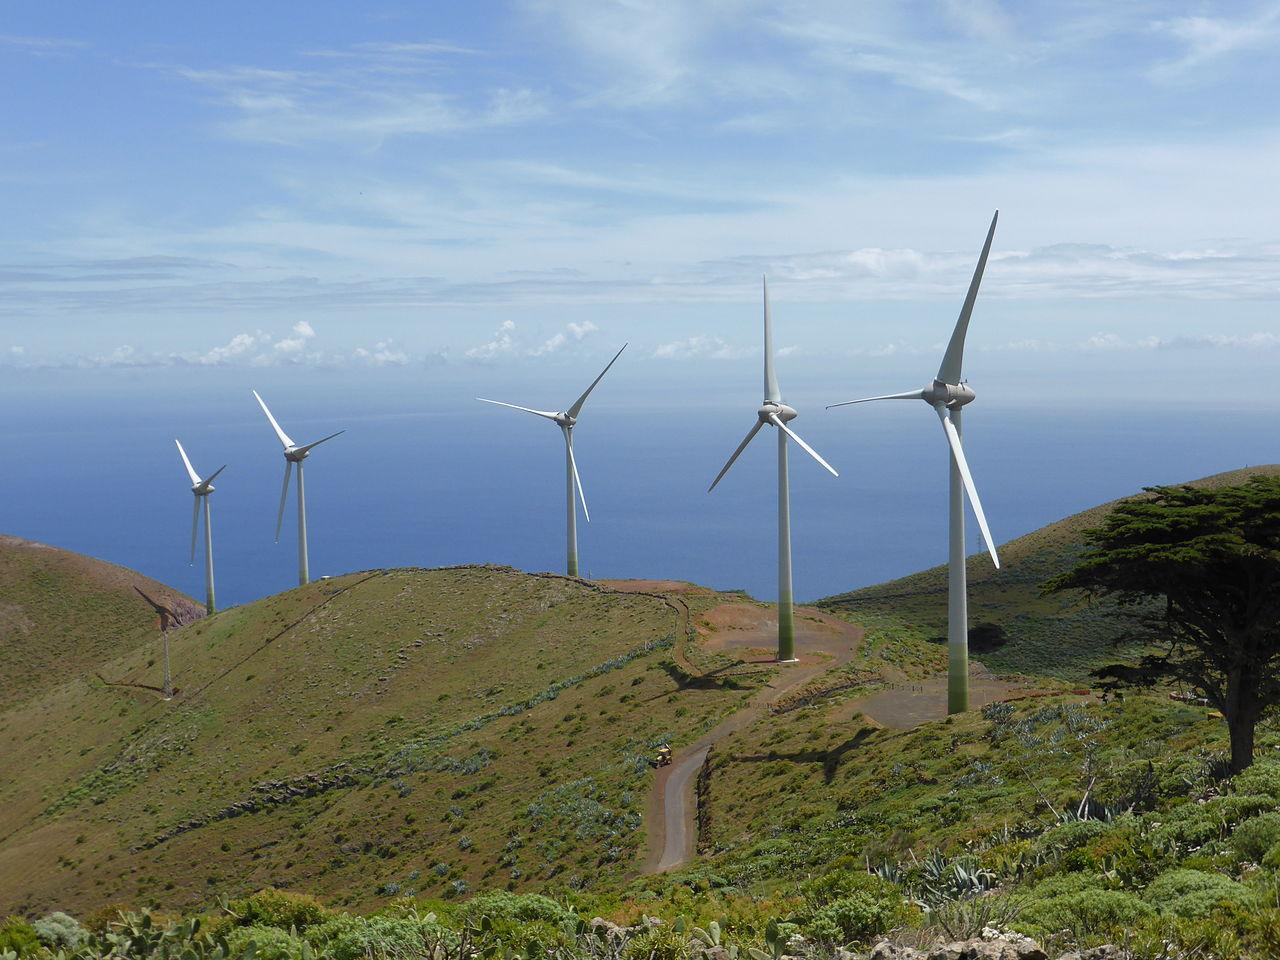 Parque_eólico_de_la_isla_de_El_Hierro,_Canarias,_España (1)